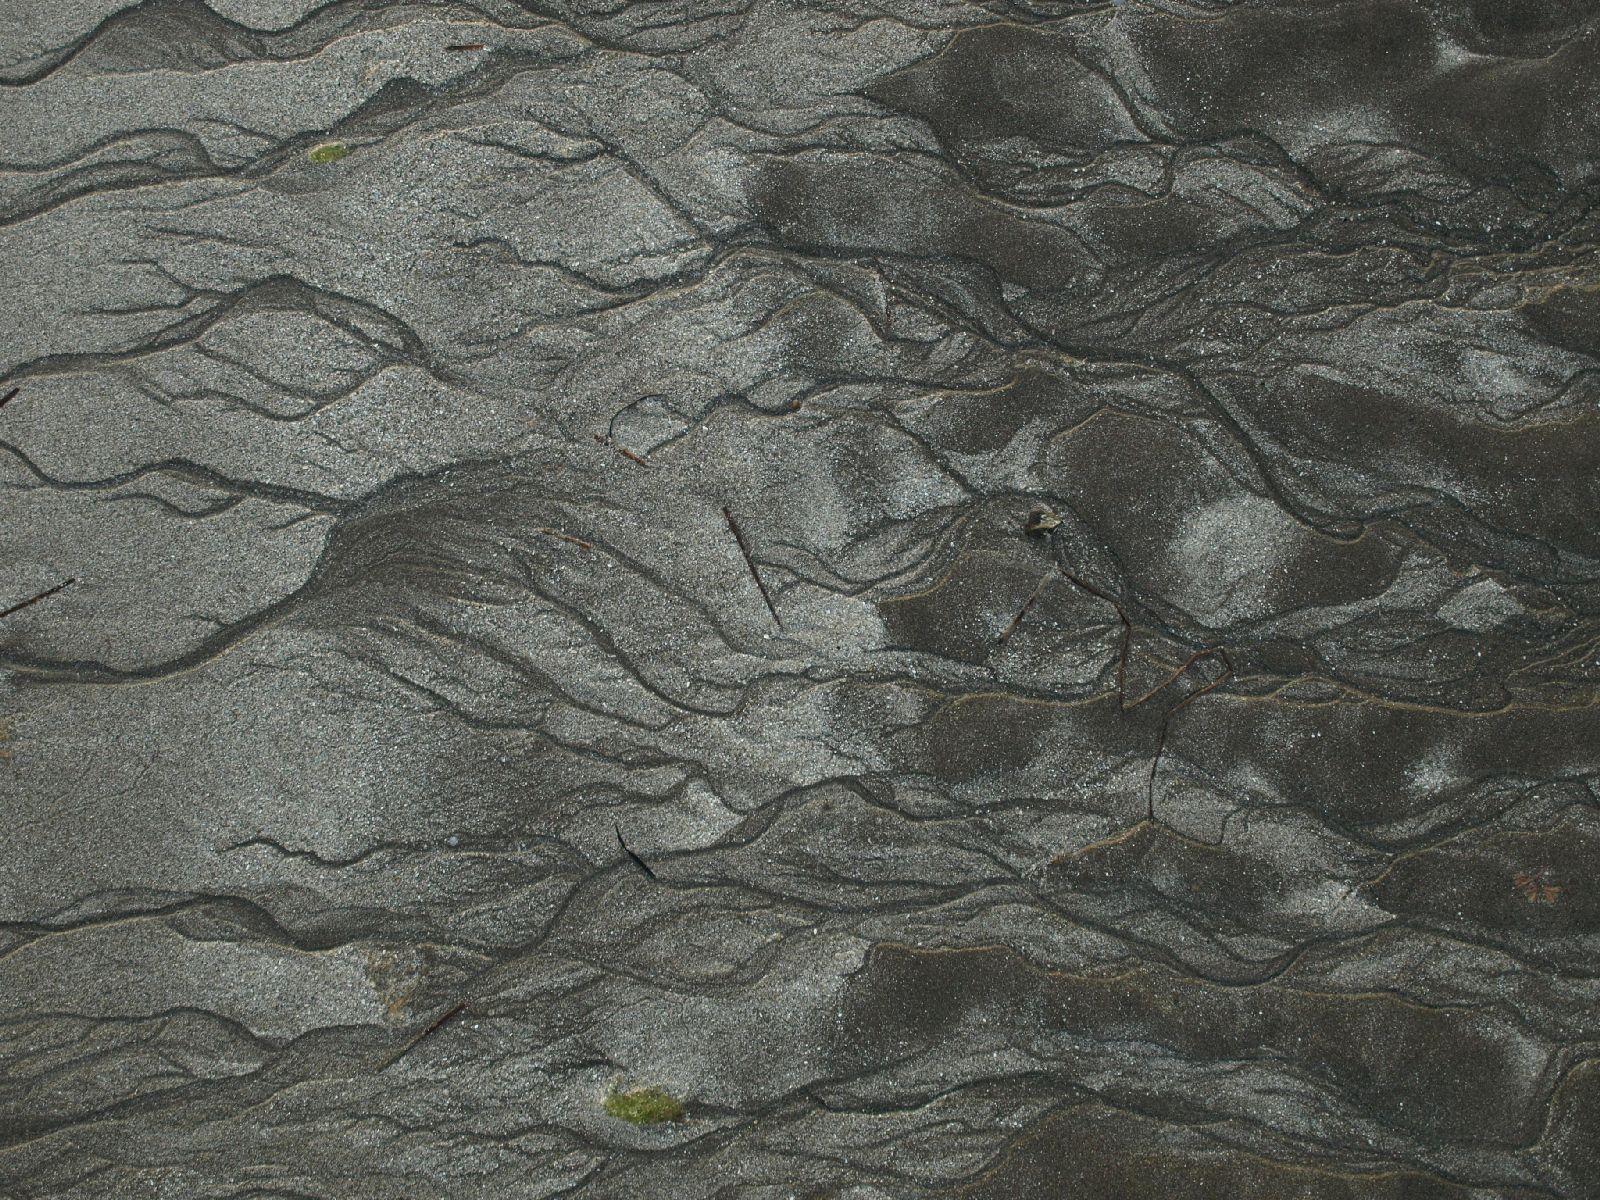 Boden-Erde-Steine_Textur_A_P5254979